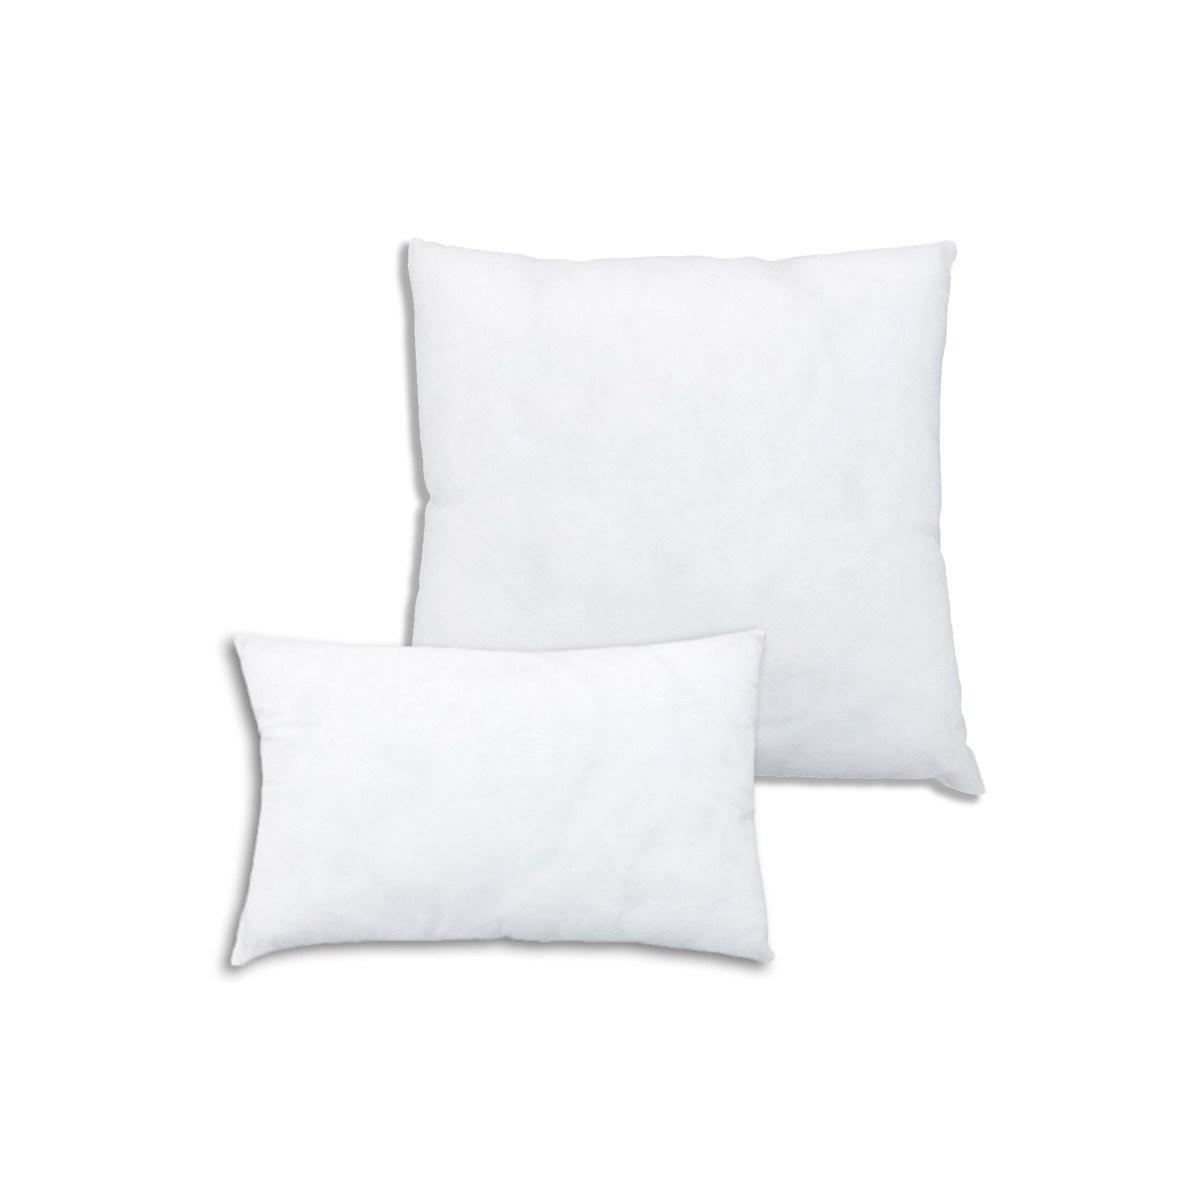 Relleno Para sofas 9fdy Relleno De Cojines Para sofas Fundas Cojines sofa Exterior Cheap